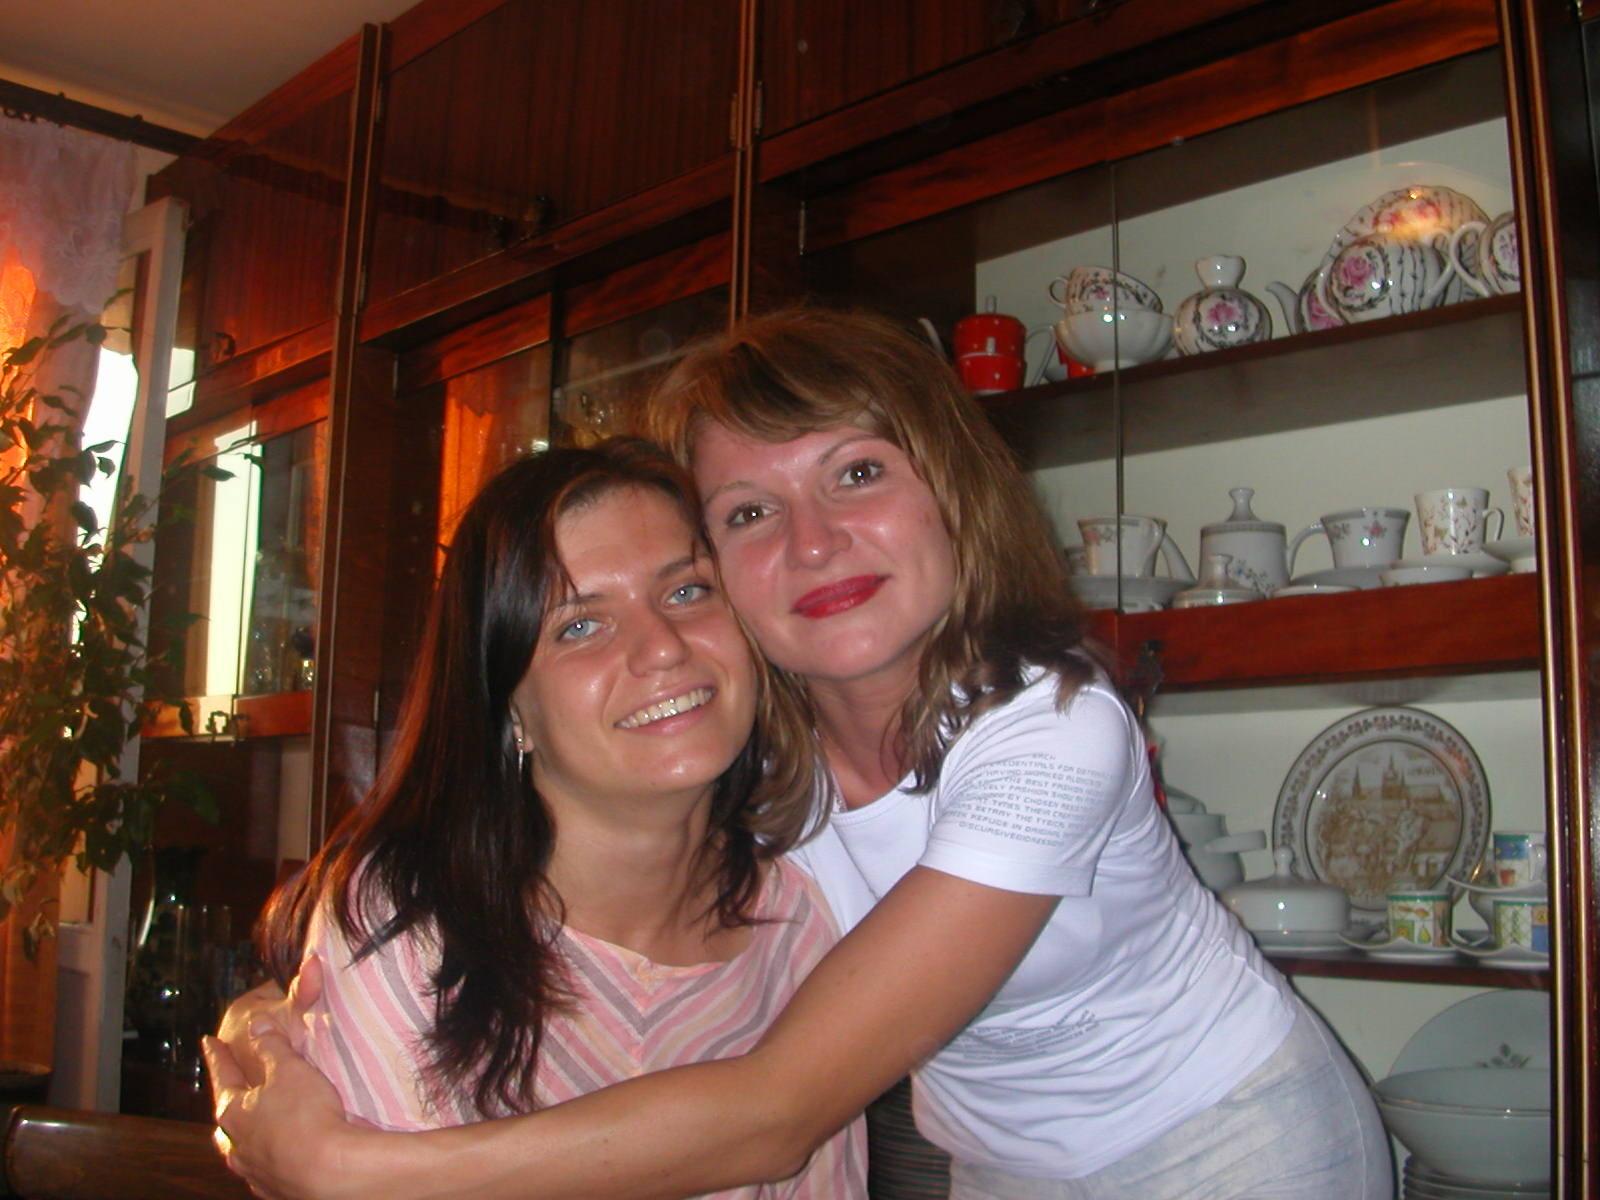 Rechts: Julia - Rajas Tochter, links: Julias Freundin